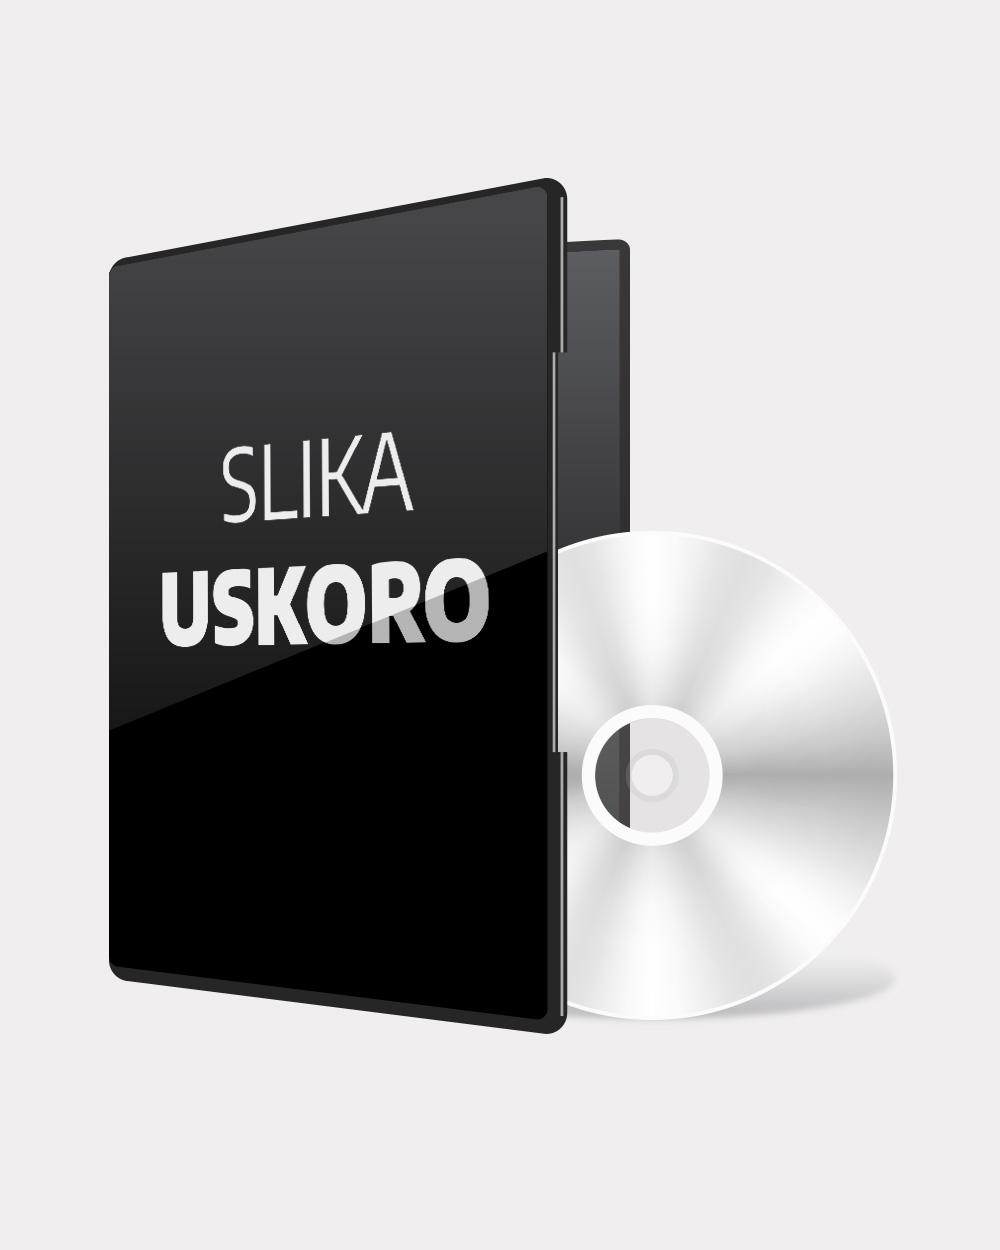 PS4 Xenon Racer